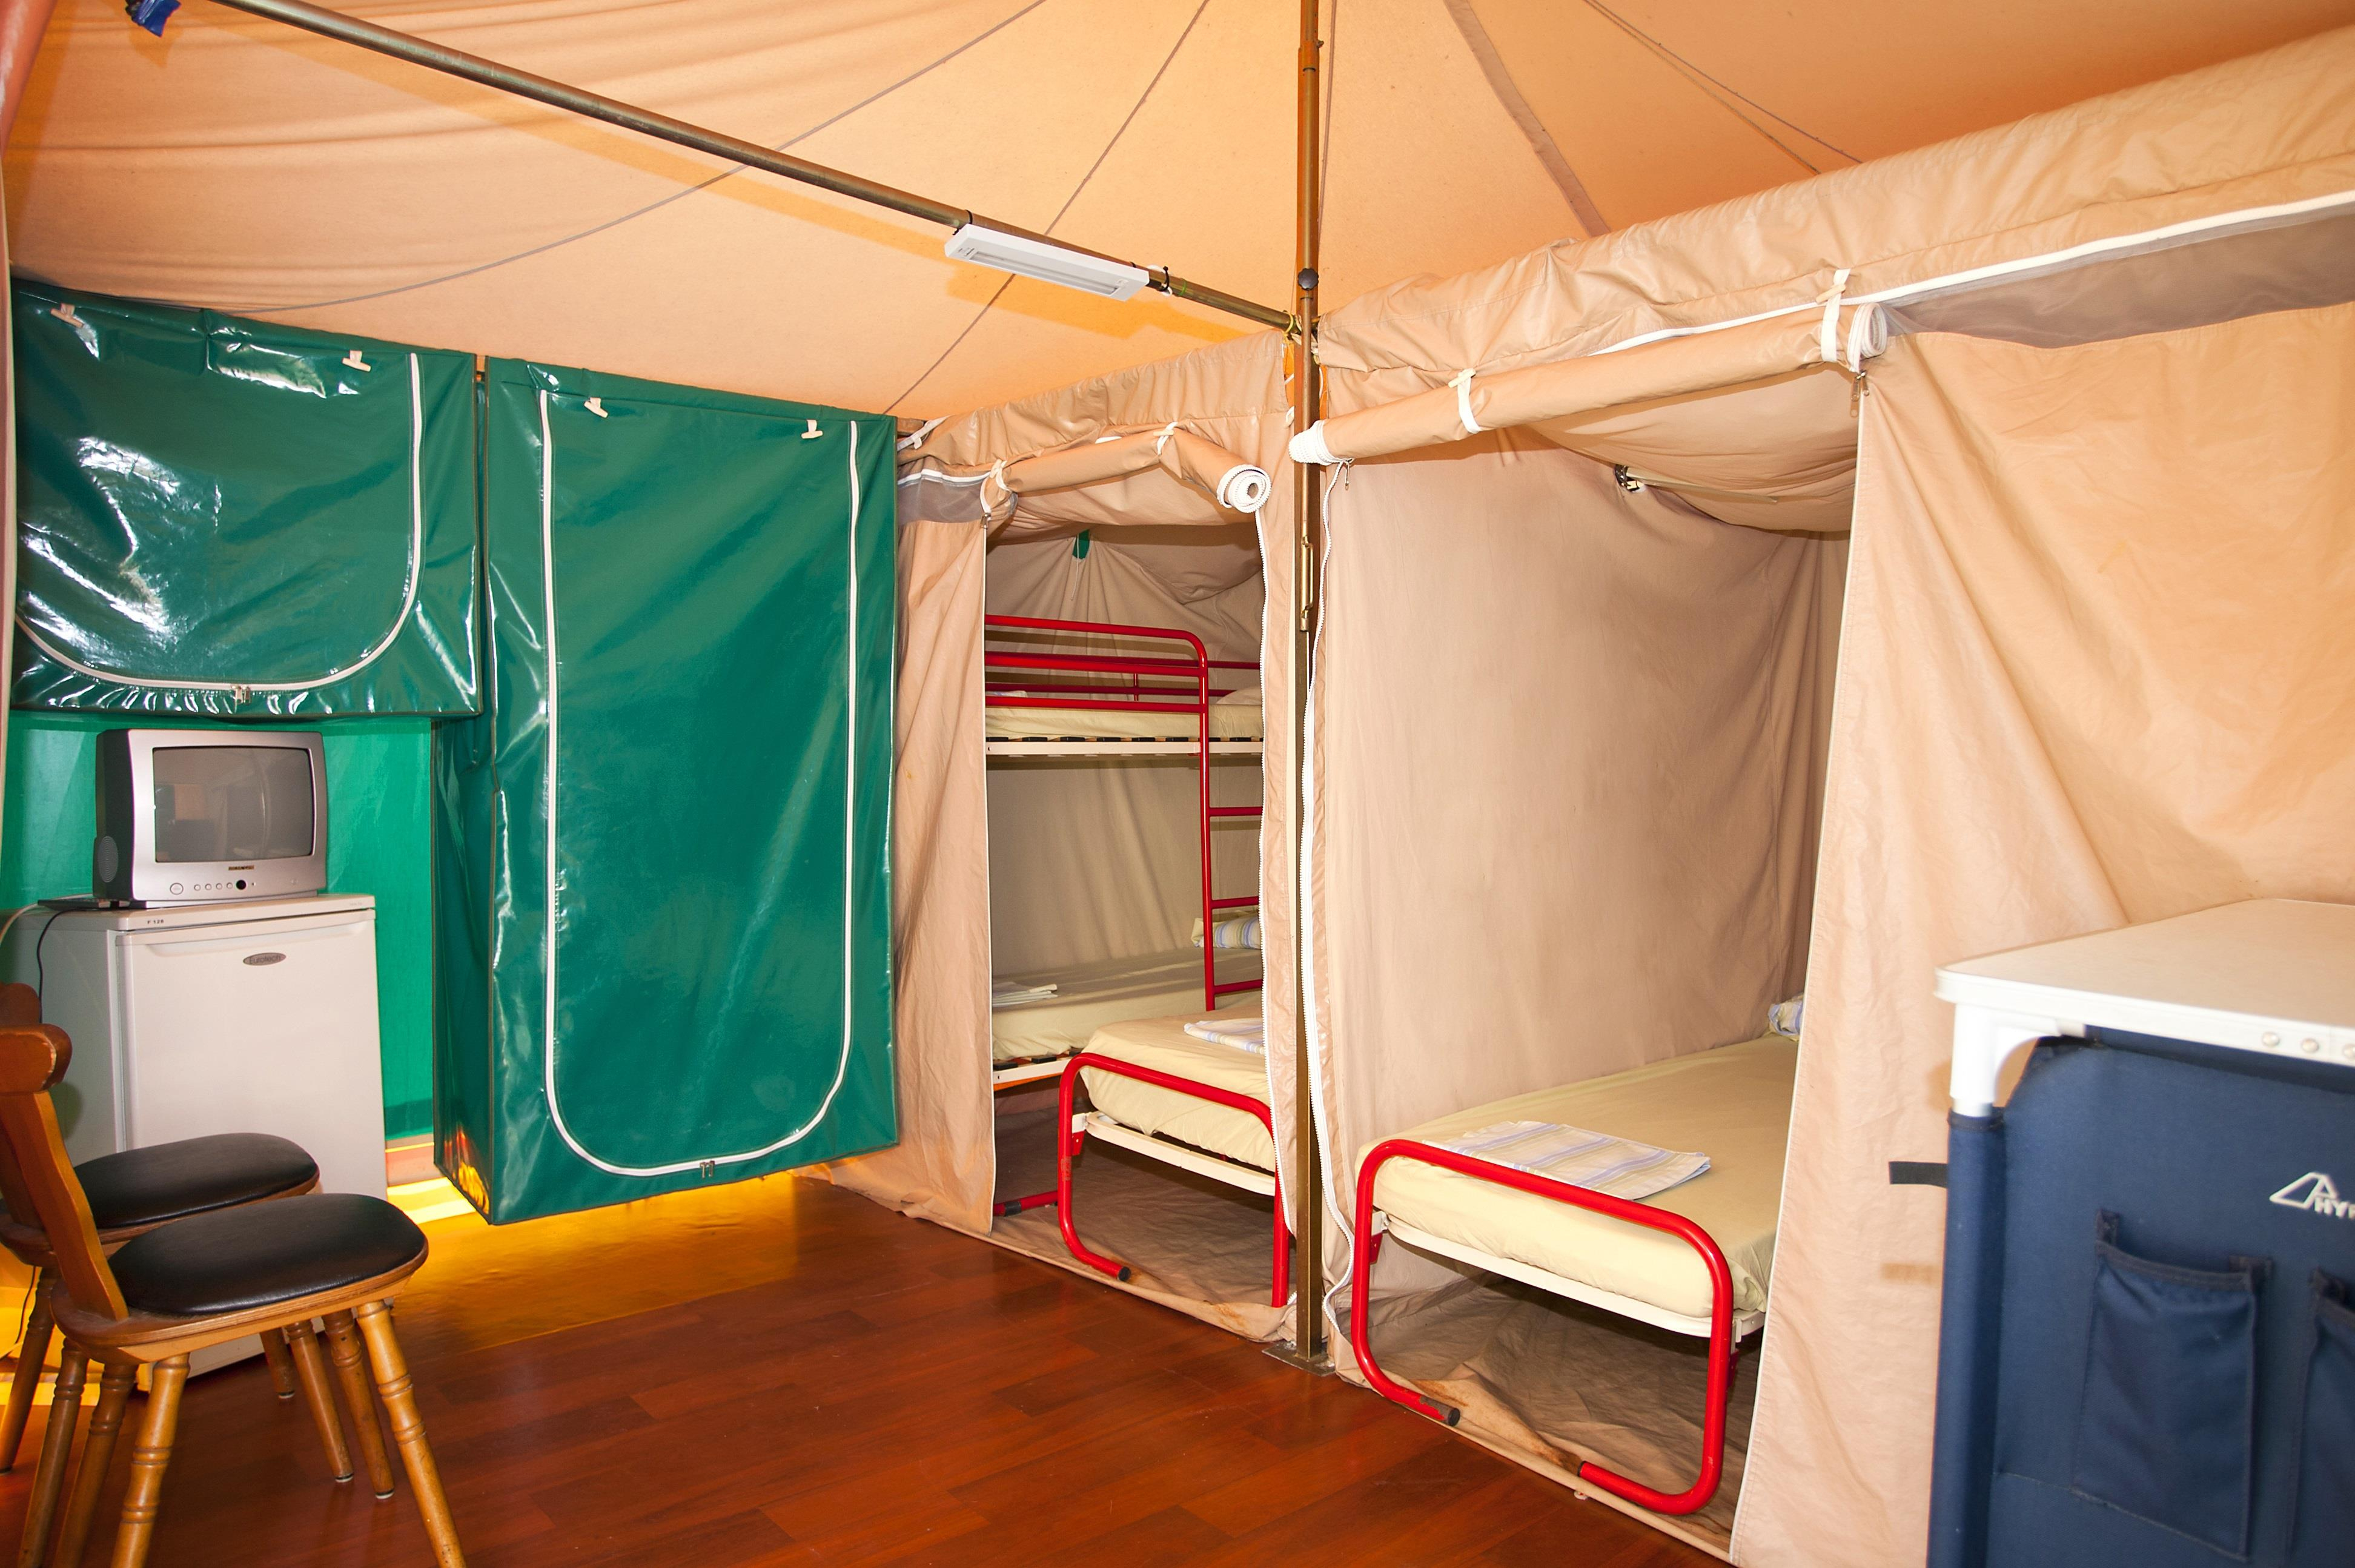 Tente Trigano - 2 Chambres serapportantà Tente 6 Places 3 Chambres